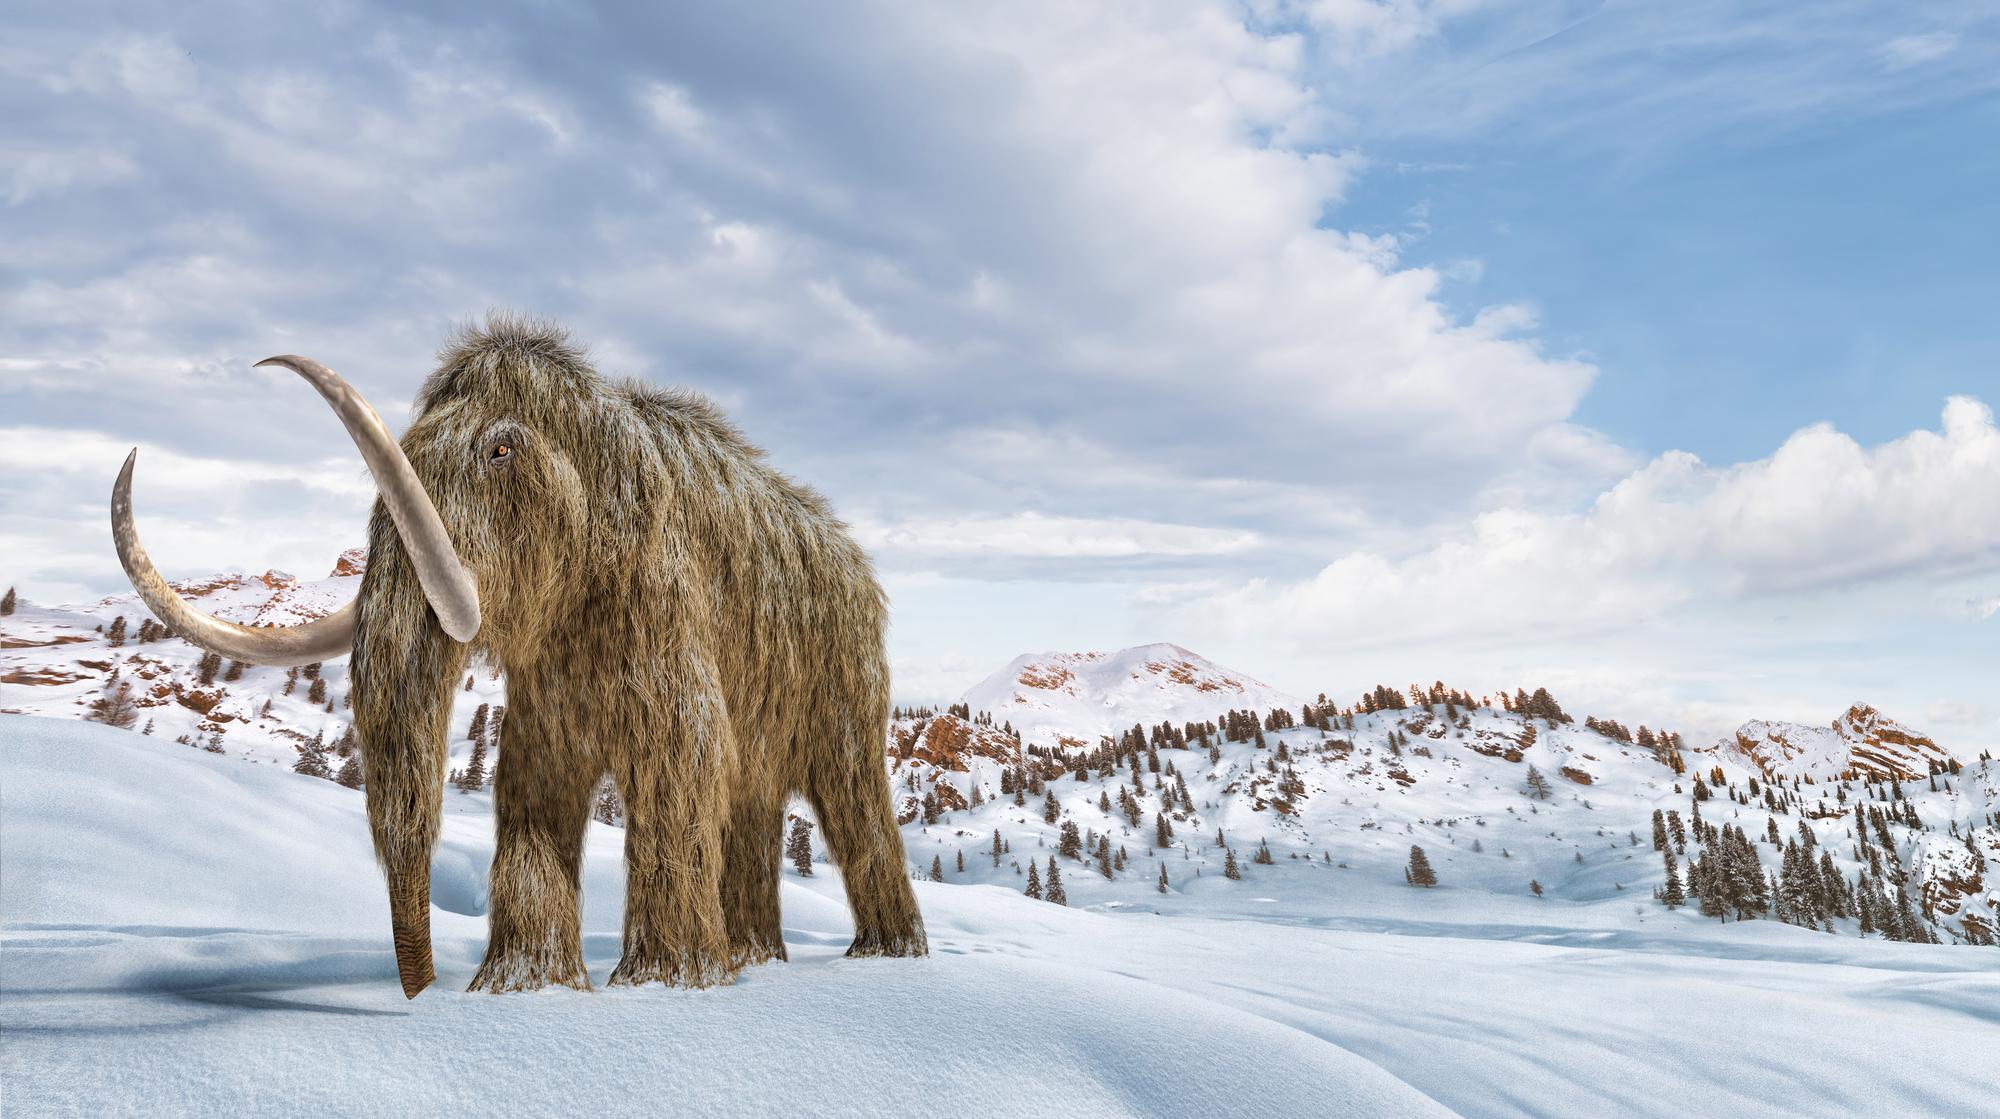 Согласно исследованиям, экосистема тундры стала гораздо менее продуктивна после того, как из неё исчезли крупные животные.